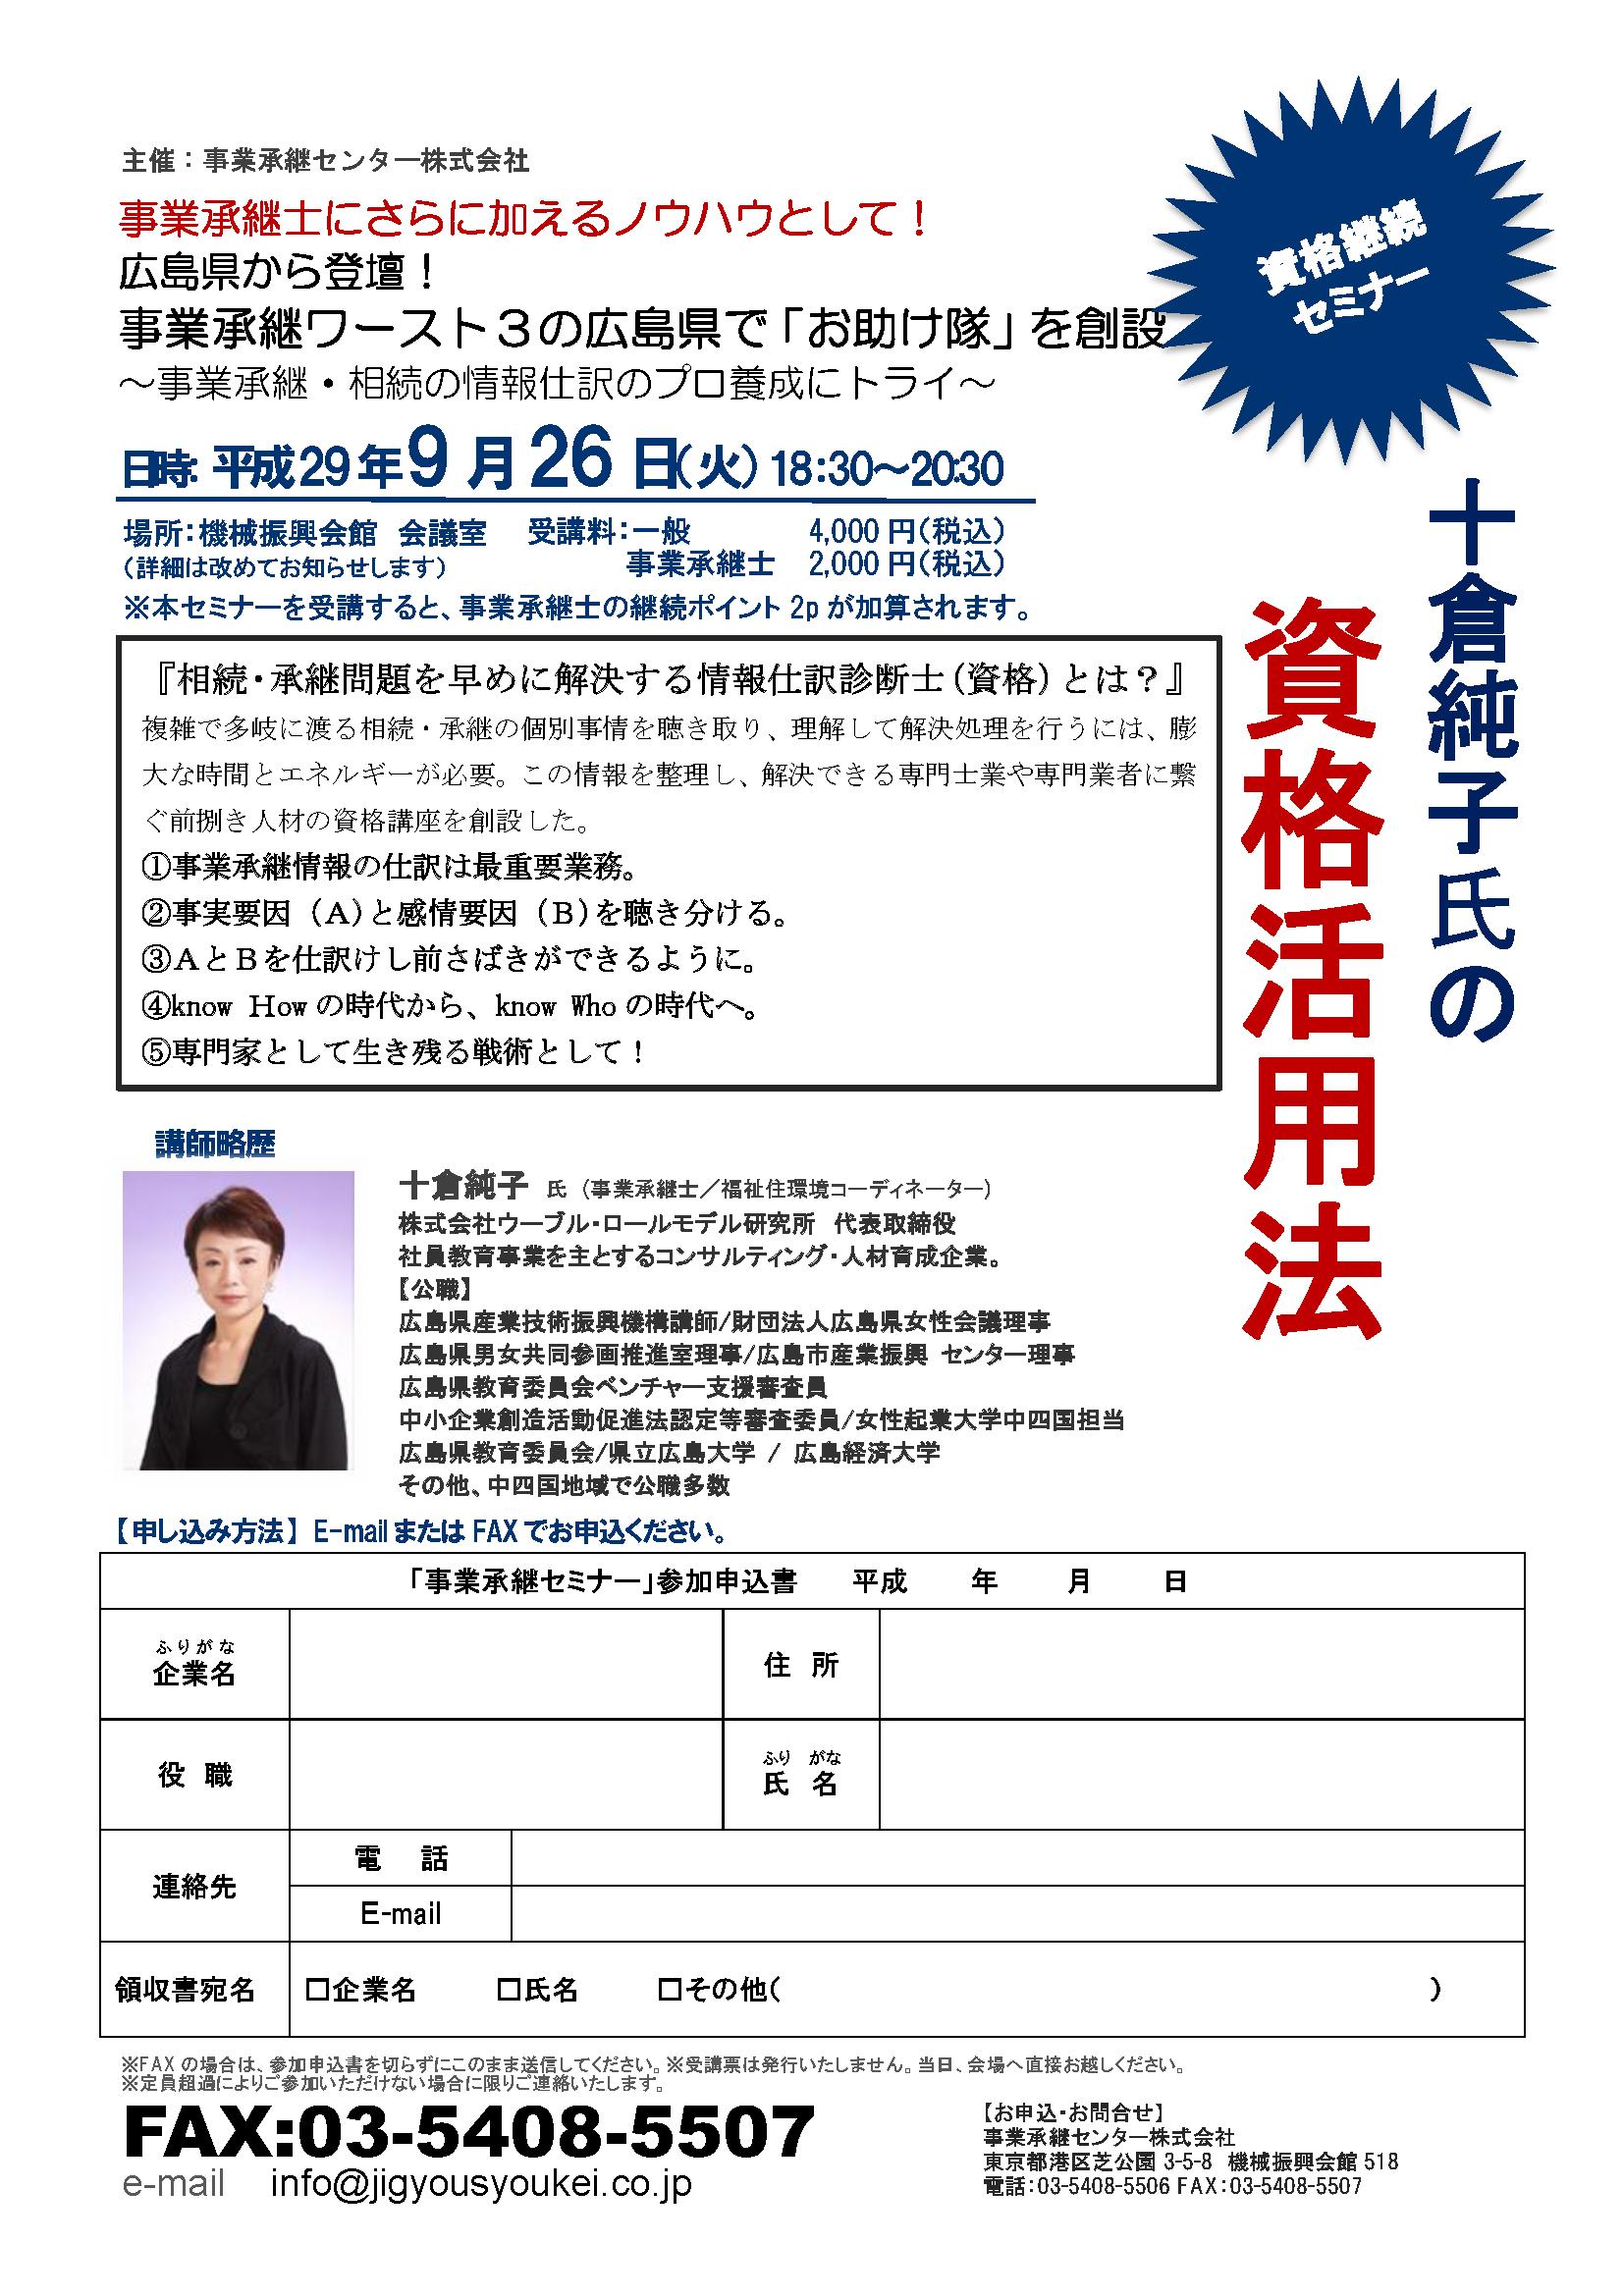 十倉純子氏の資格活用法